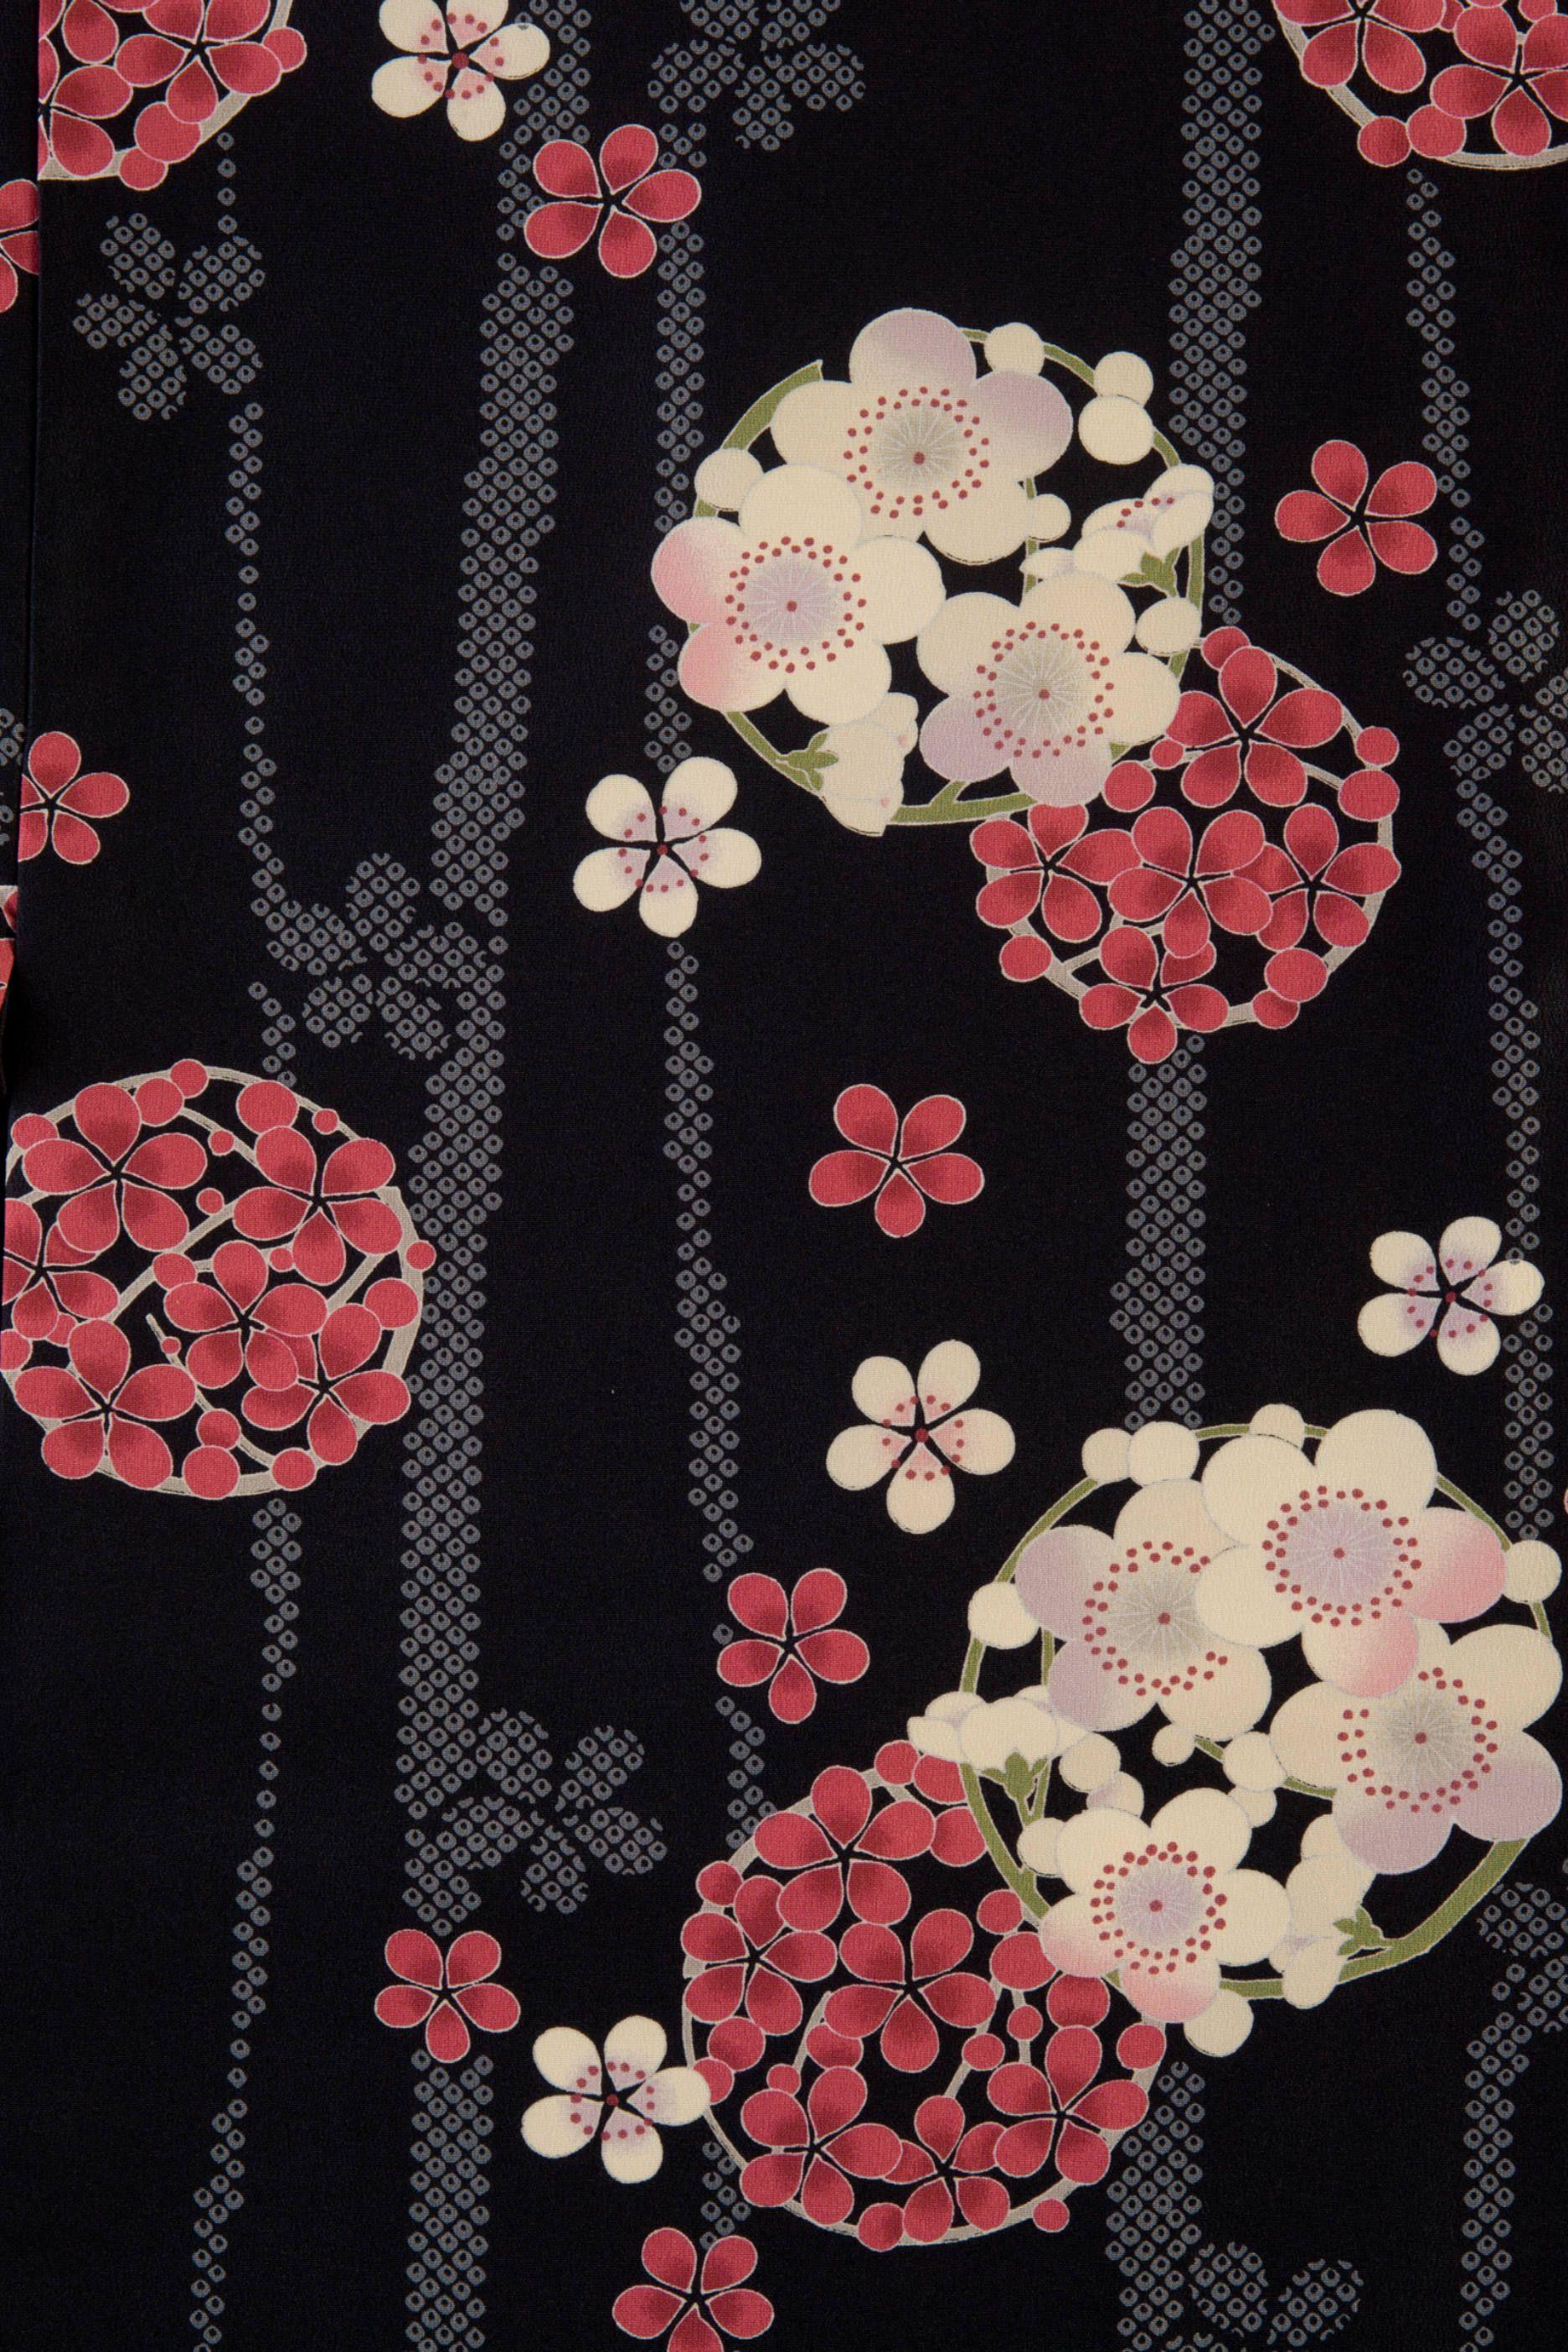 黒地の梅の花輪柄 和柄 壁紙 模様 和柄 イラスト